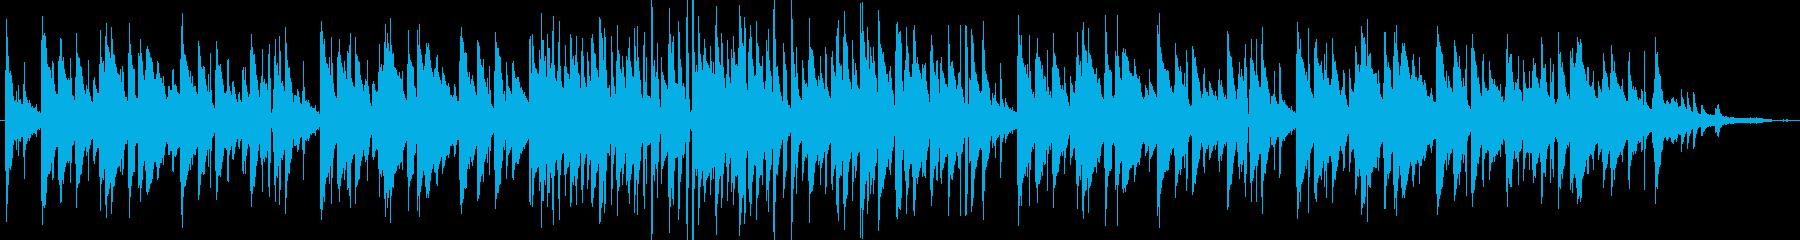 フランス・おしゃれカフェ系ジャズ・伴奏版の再生済みの波形